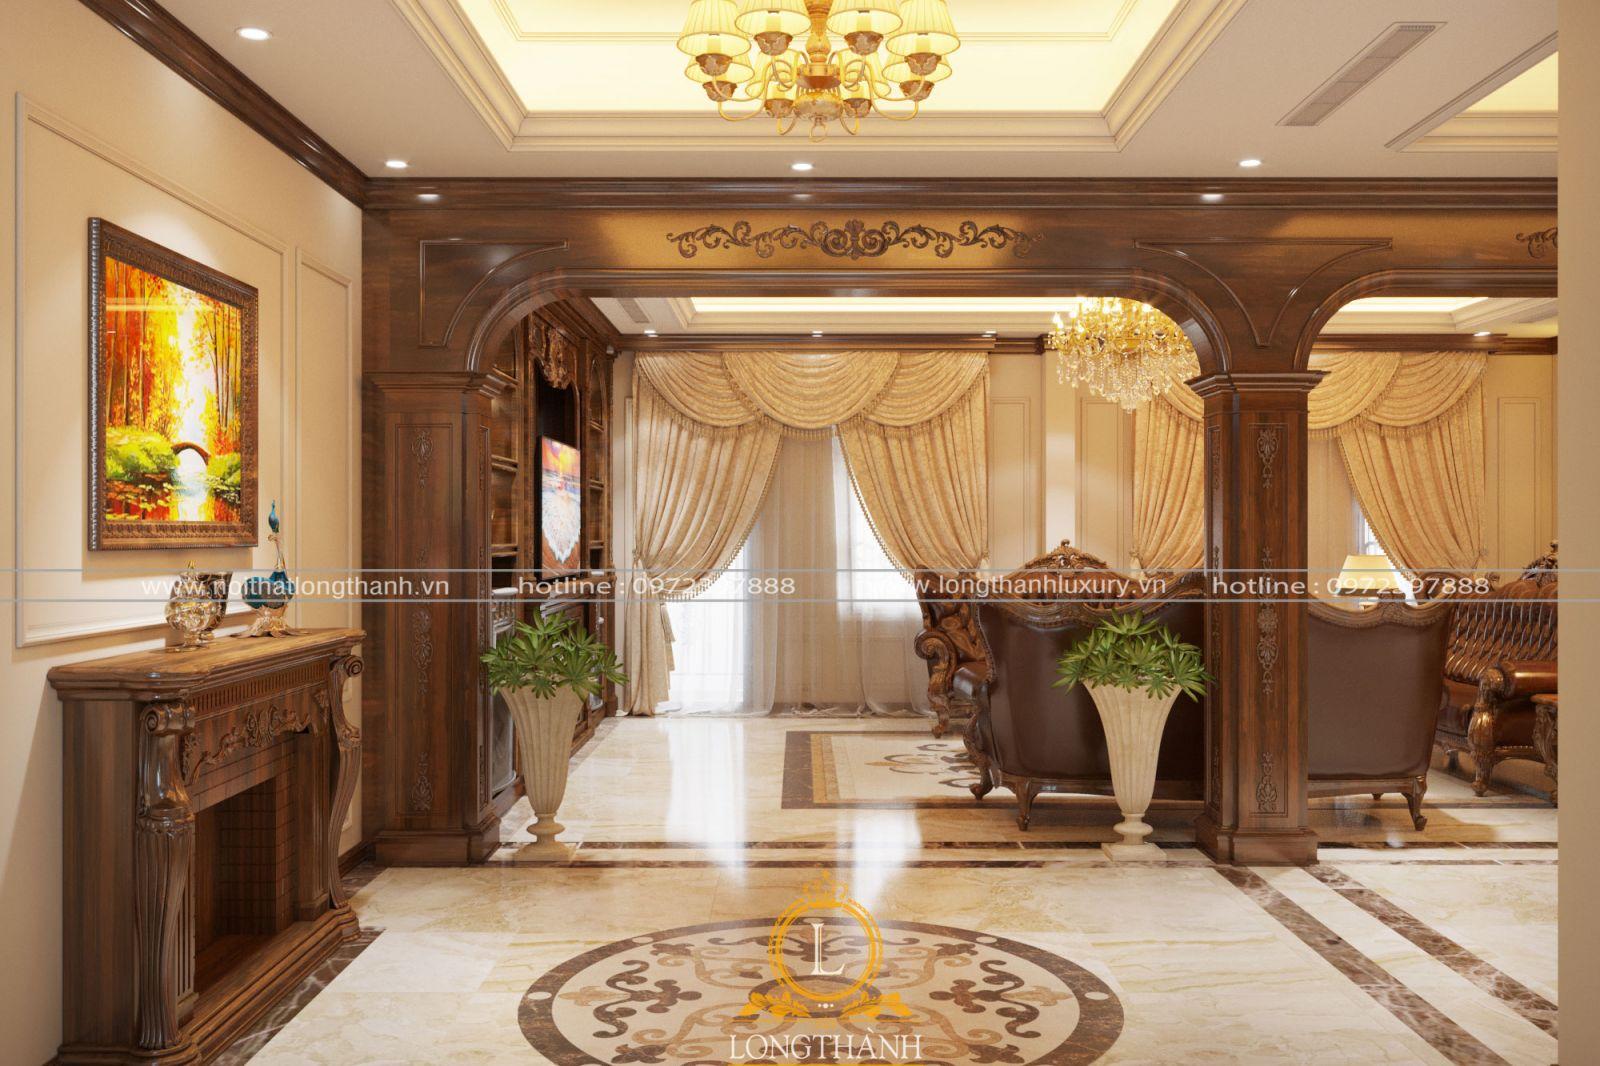 Phòng khách đẹp sang trọng và lộng lẫy